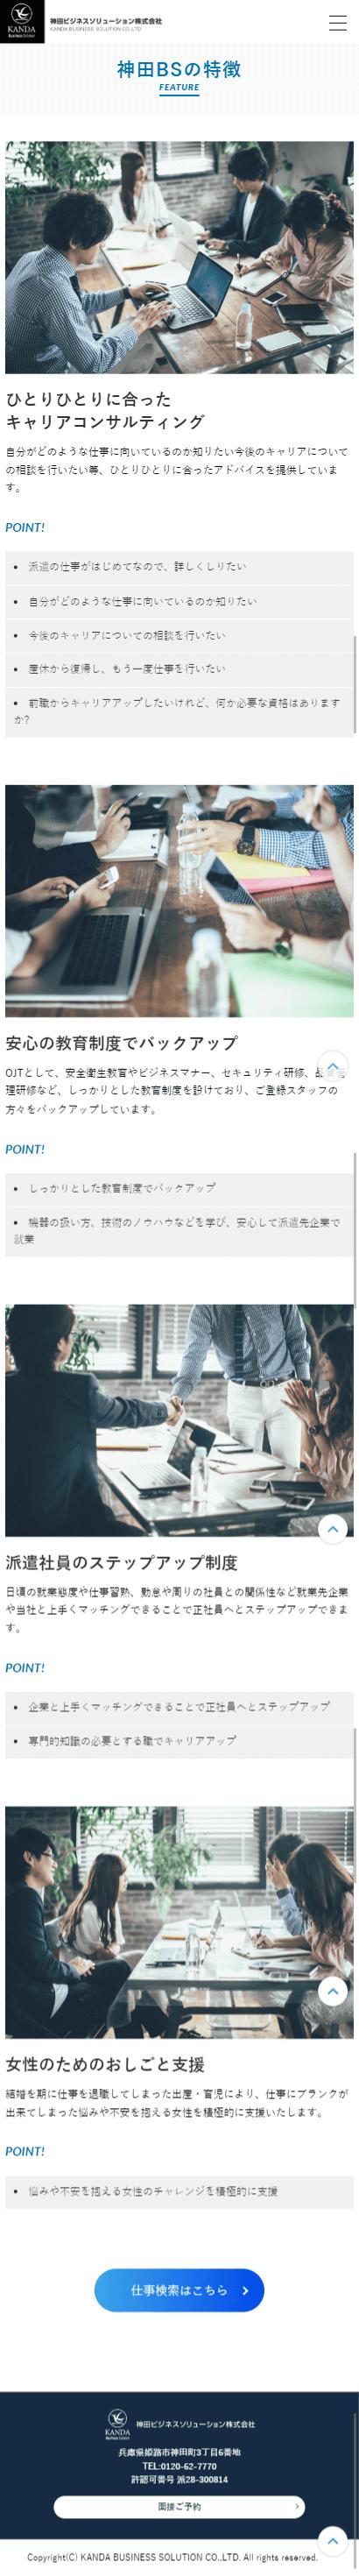 姫路市 神田ビジネスソリューション株式会社 ホームページ制作4